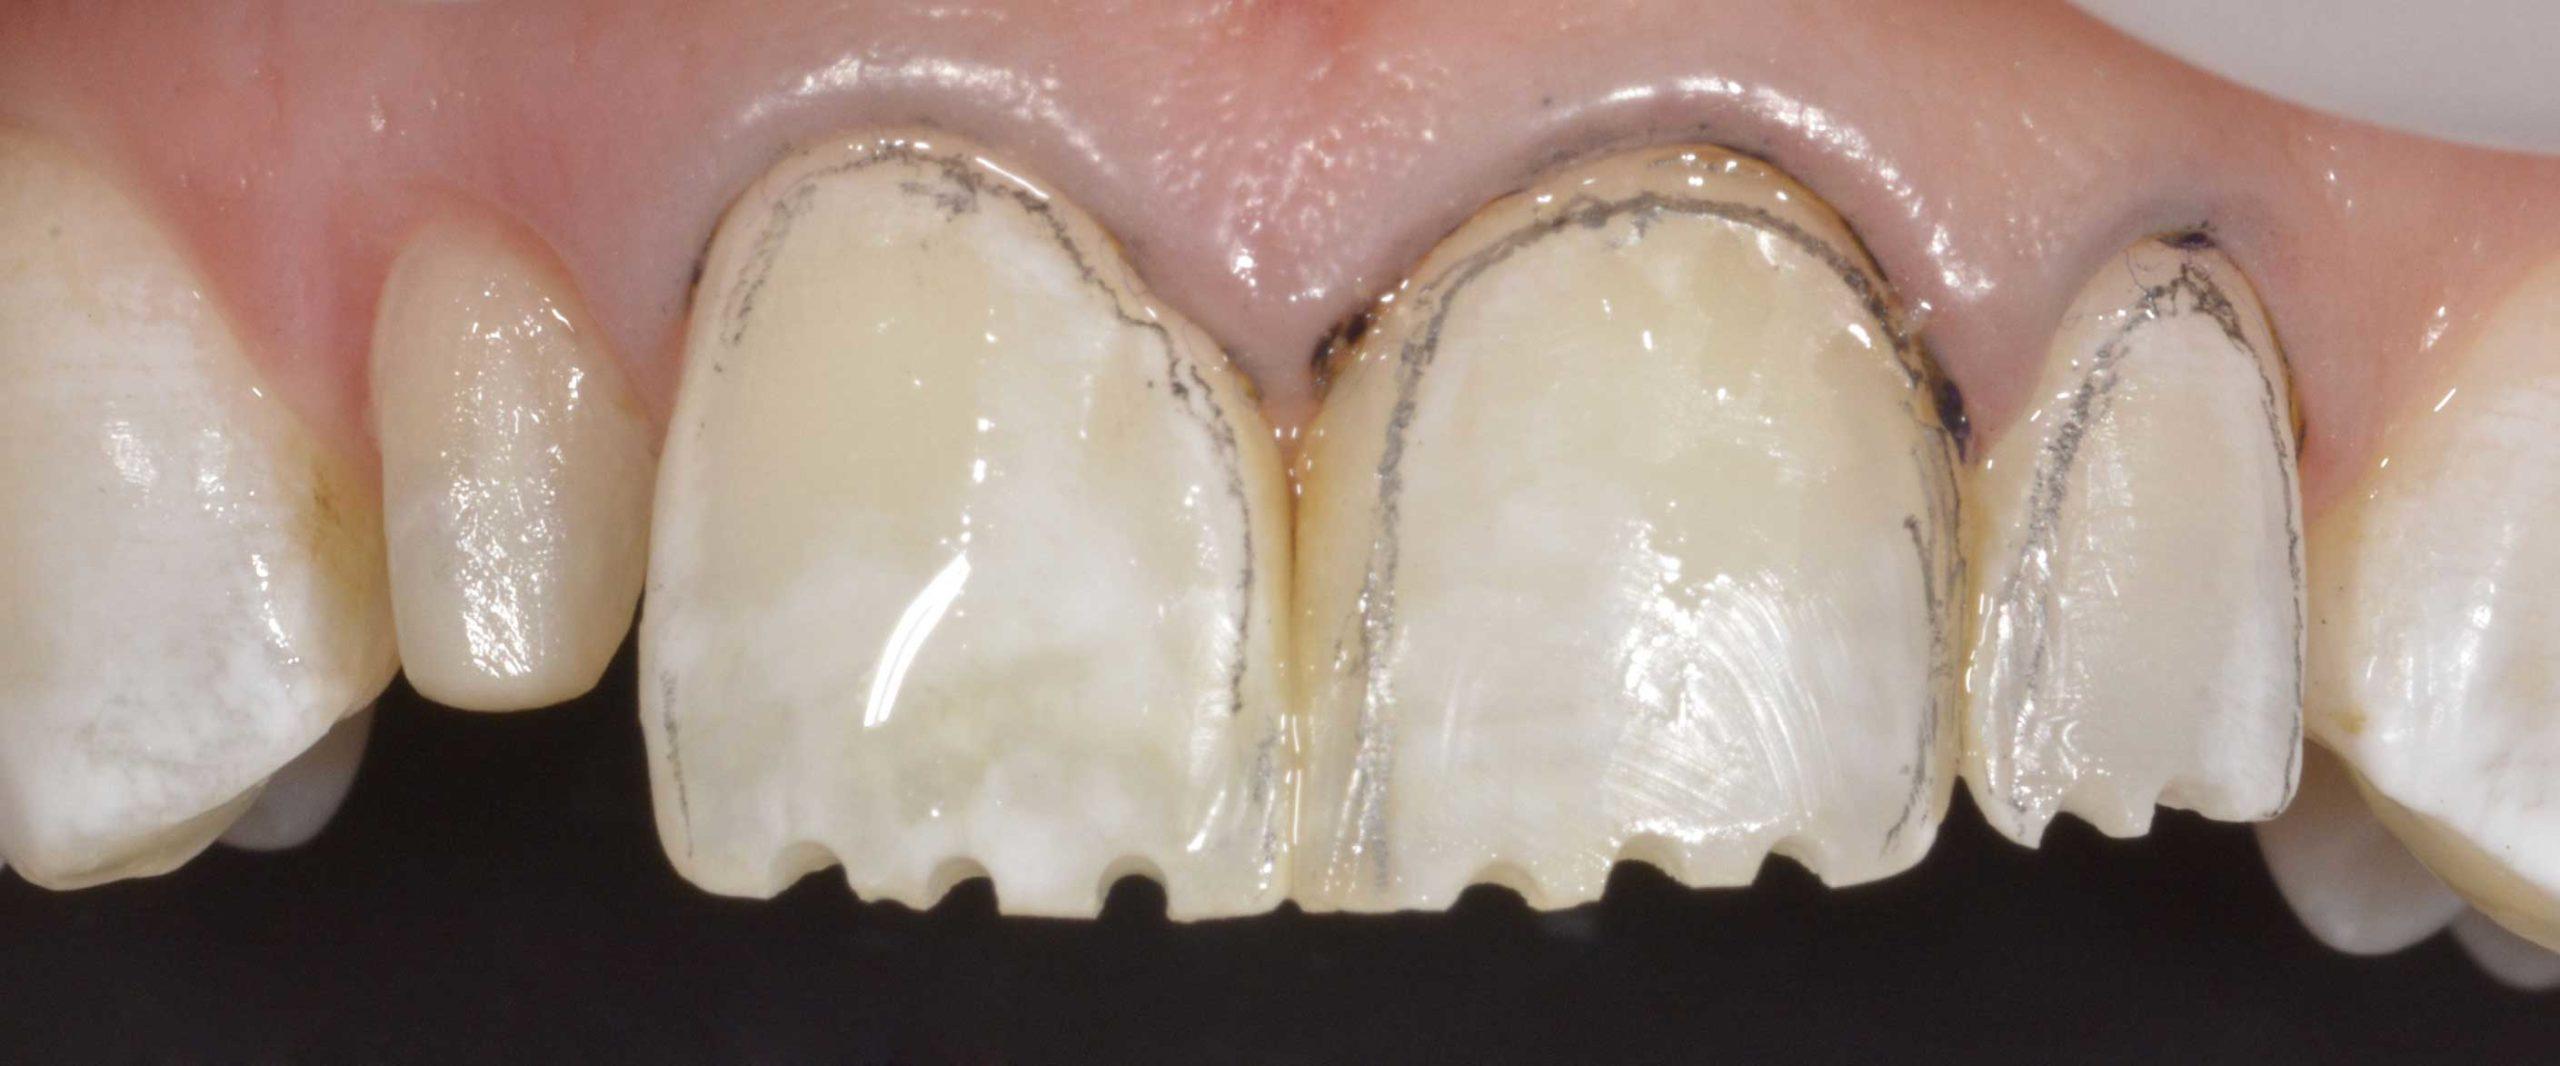 faccette dentali preparazione 1920X800 scaled Faccette Dentali 2